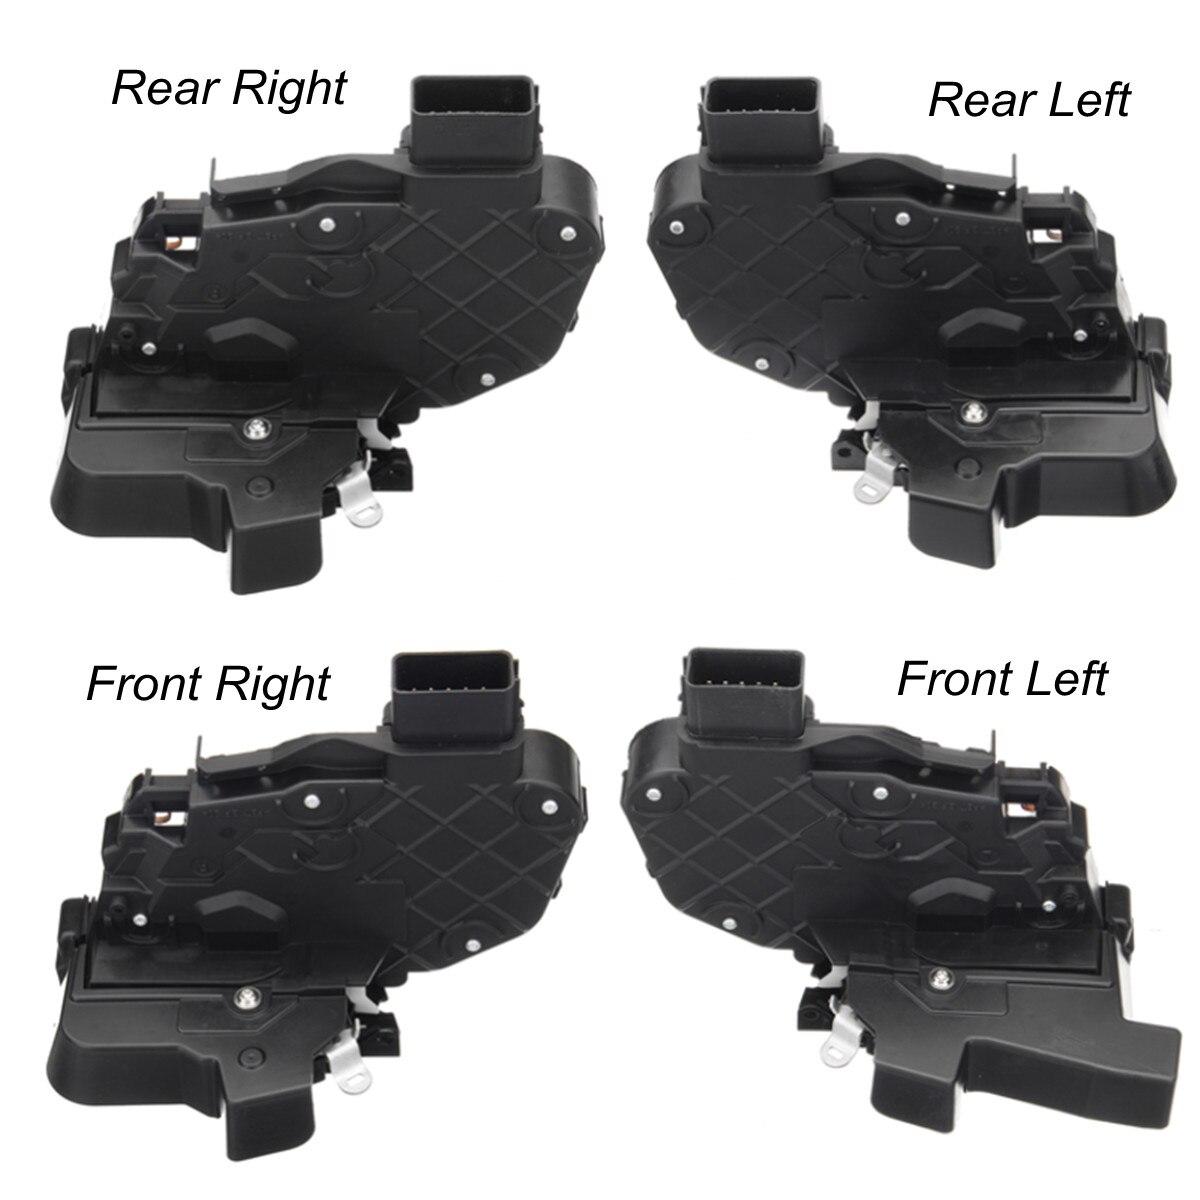 Auto Türschloss Latch Mechanismus Antrieb Für Land Rover Freelander Evoque Schlösser Hardware Aftermarket Vorne/Hinten Links/Rechts